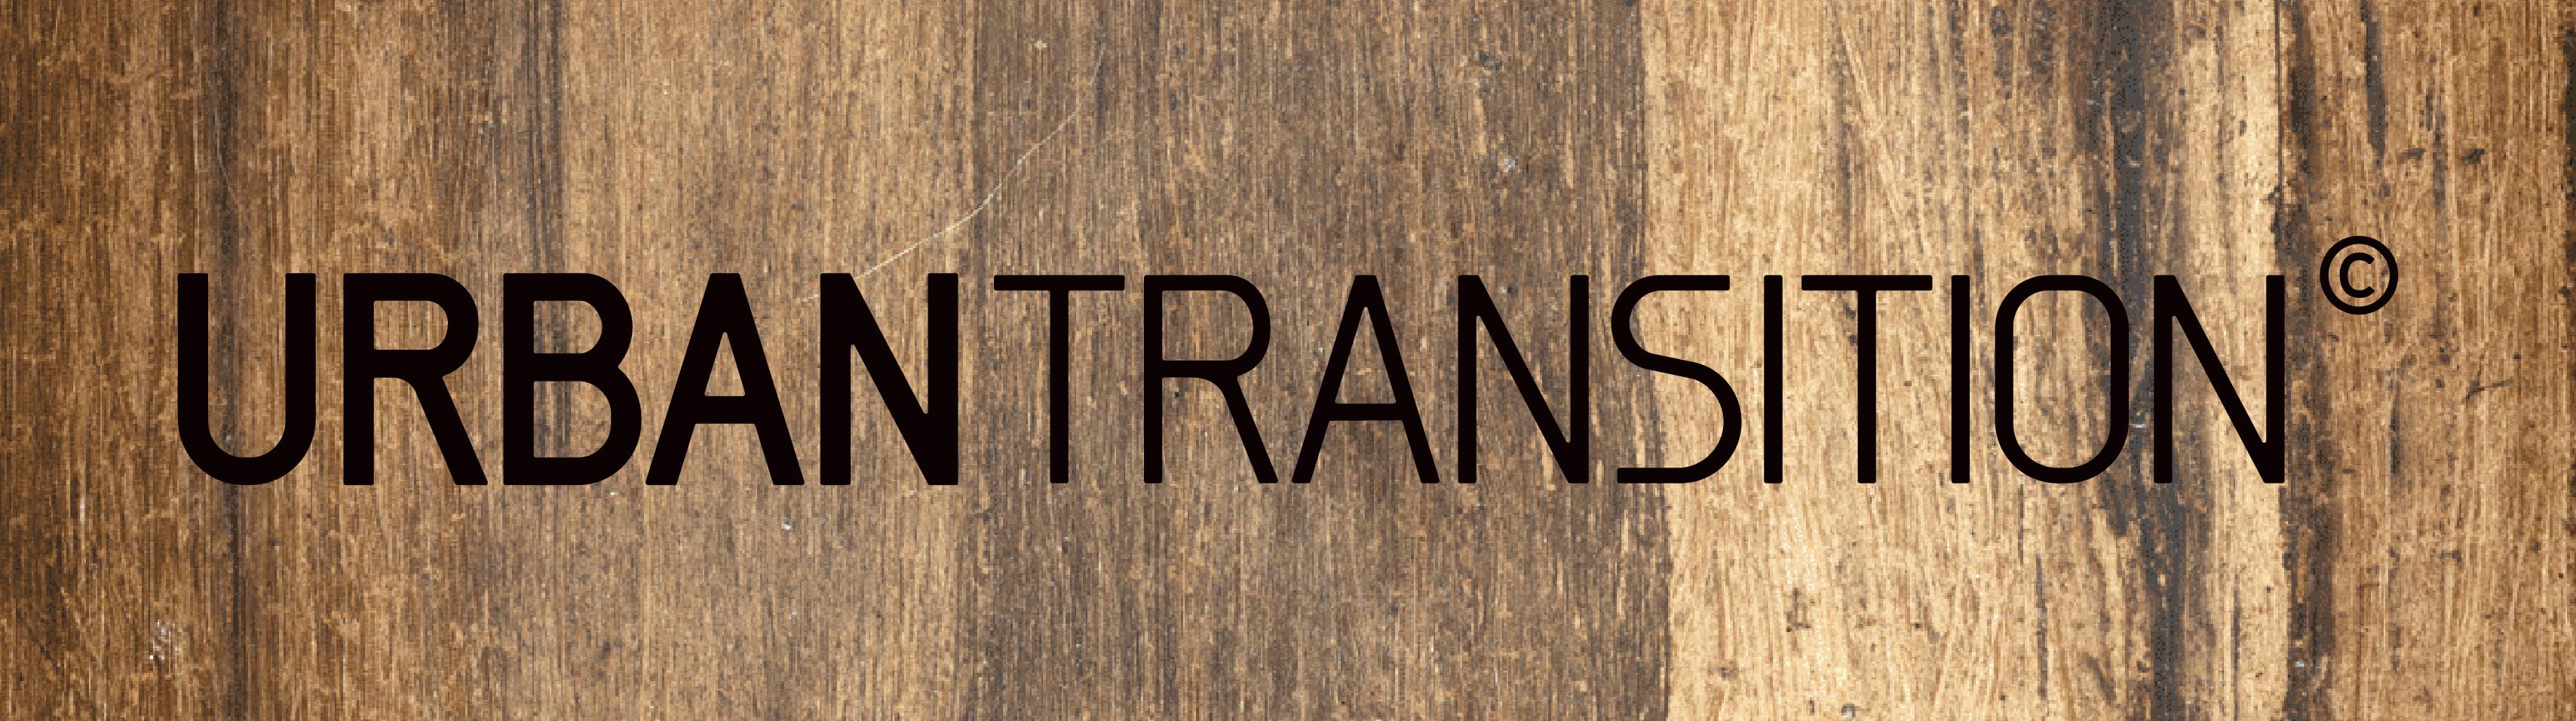 Urban Transition er både et spil og et konkret værktøj til at arbejde med bæredygtig byudvikling.